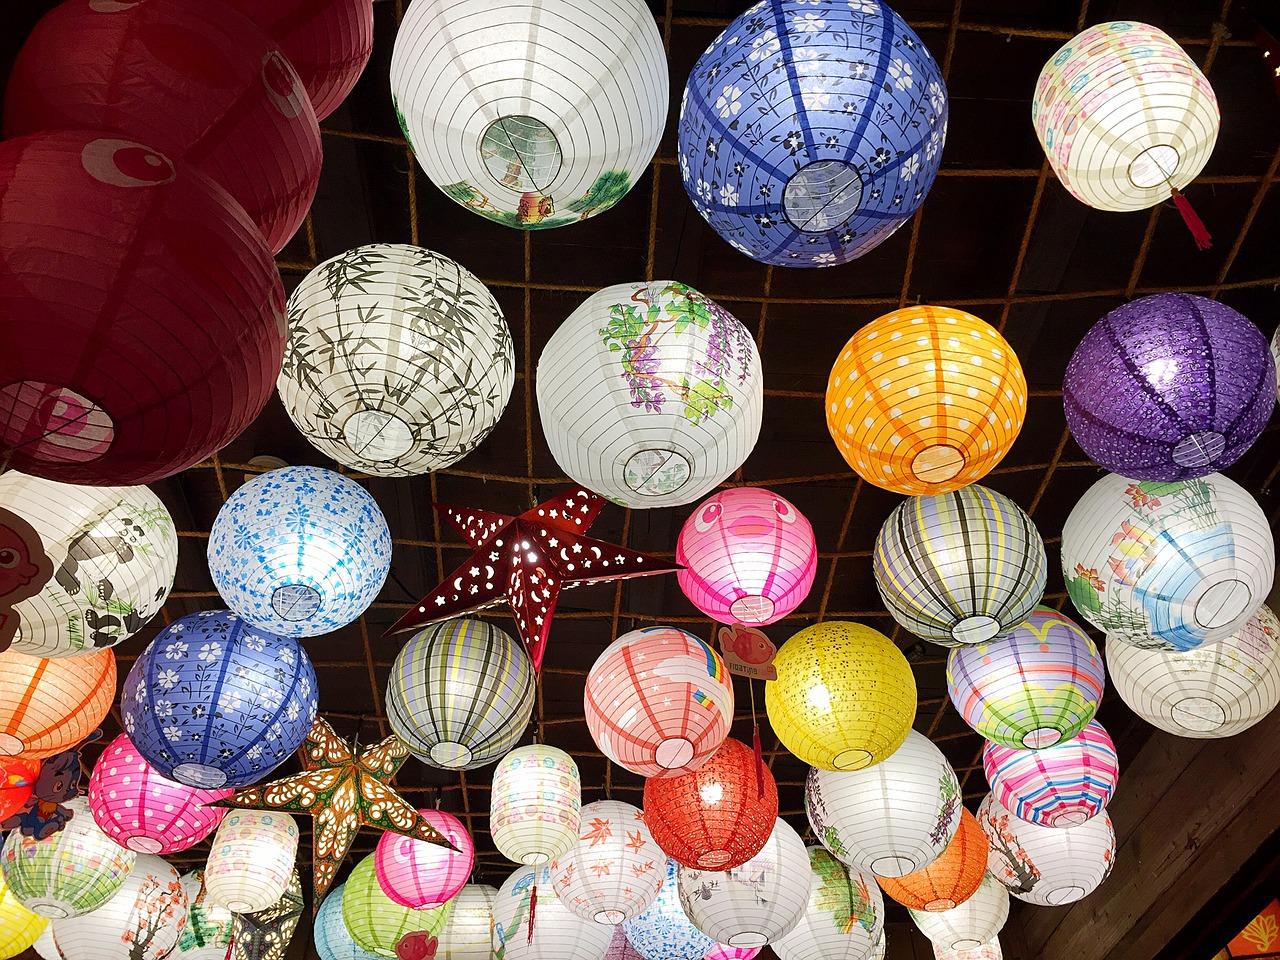 Además del chino mandarín, el chino tiene 9 dialectos con multitud de subdialectos. Los traductores e intérpretes de chino mandarín son los más demandados.